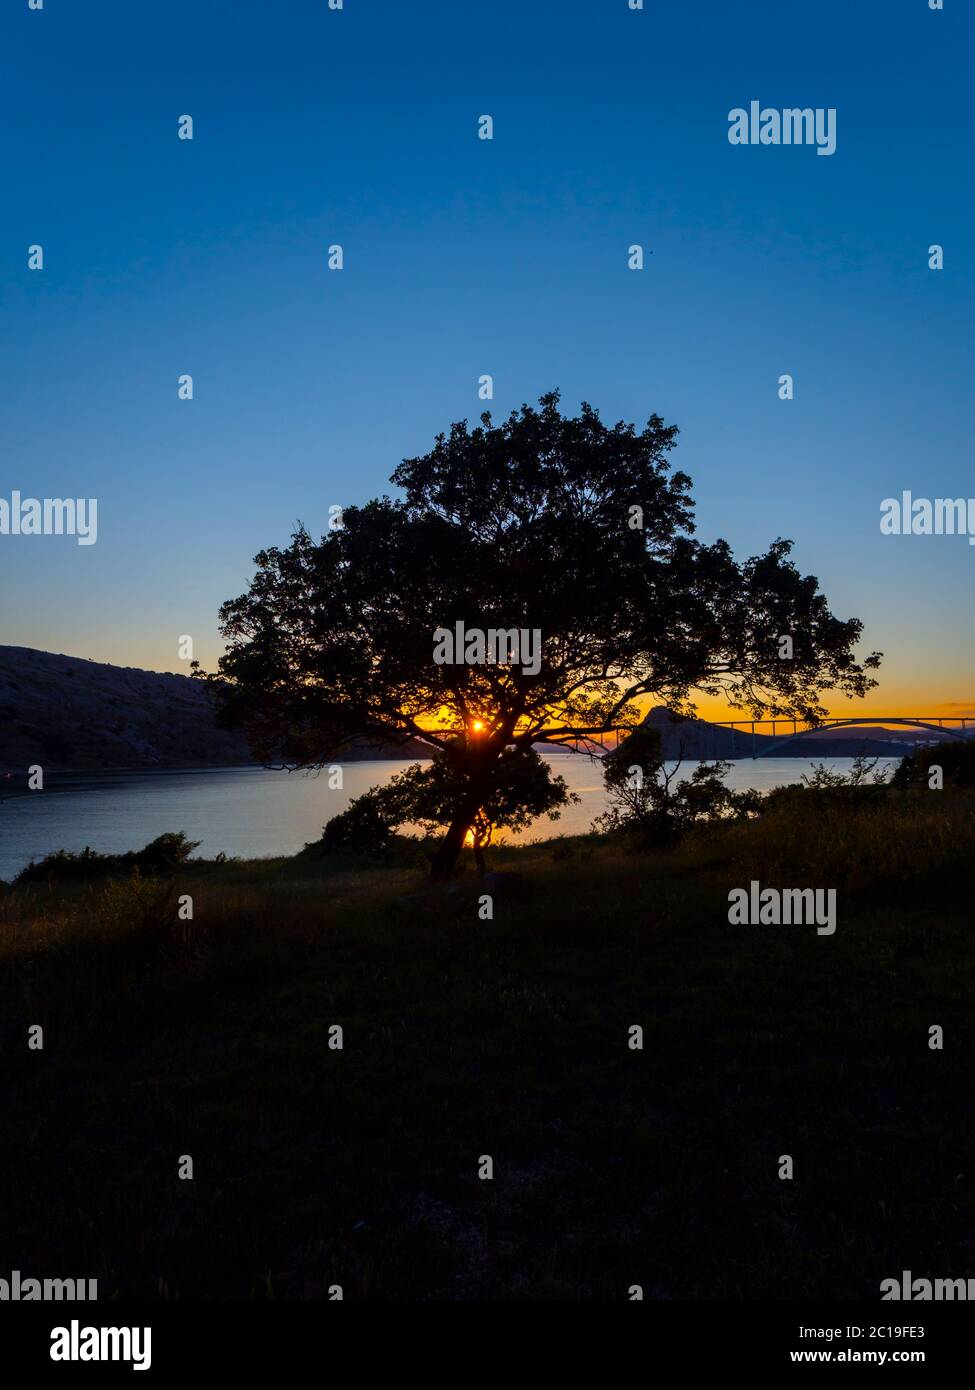 Tramonto paesaggio ponte continentale isola Krk Croazia vedere vista attraverso l'albero dominante Foto Stock